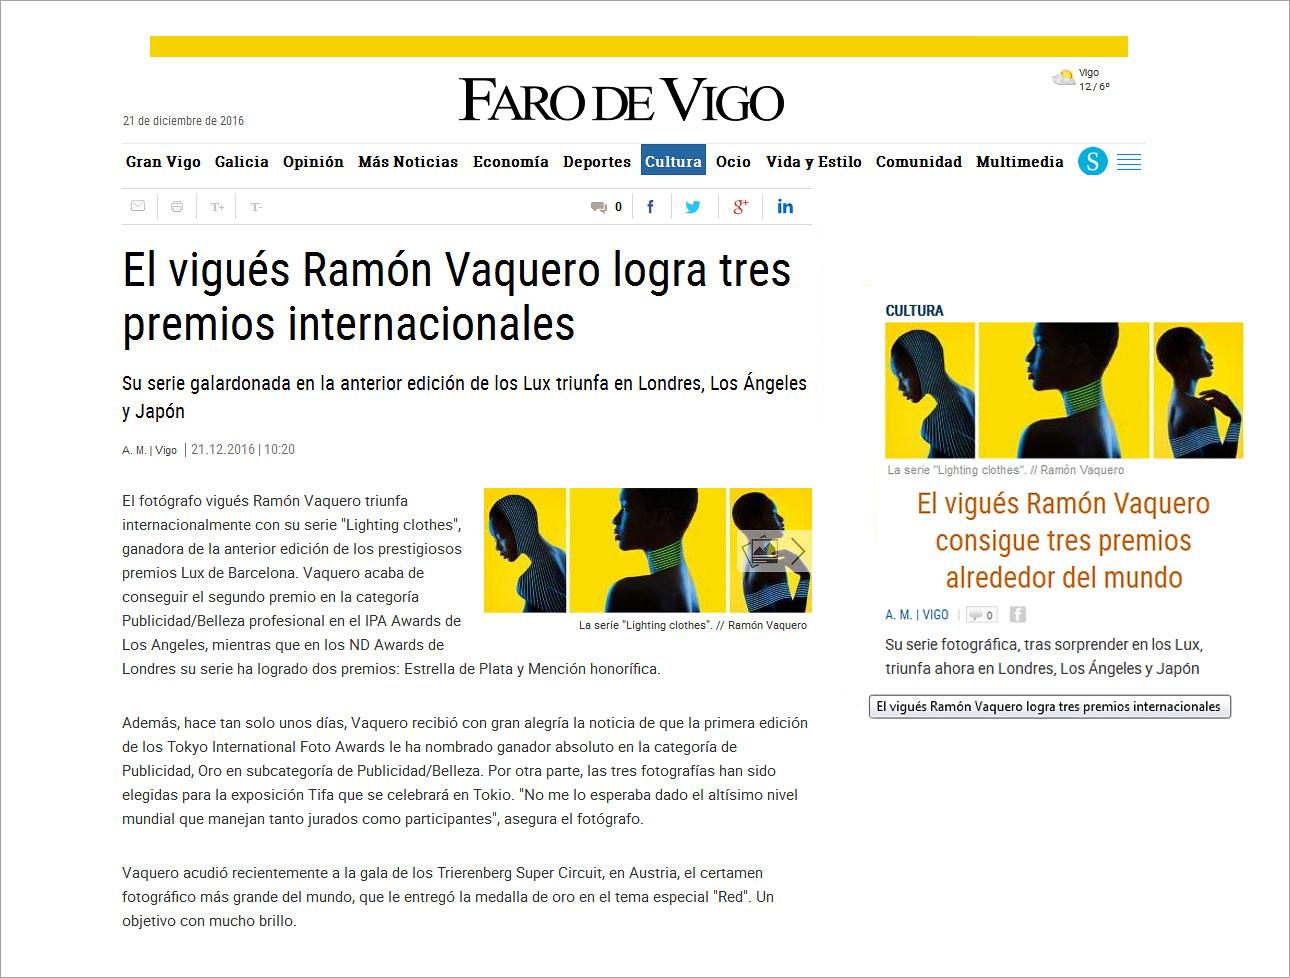 Ramon Vaquero- fotografos vigo_tifa_Tokio_farodevigo